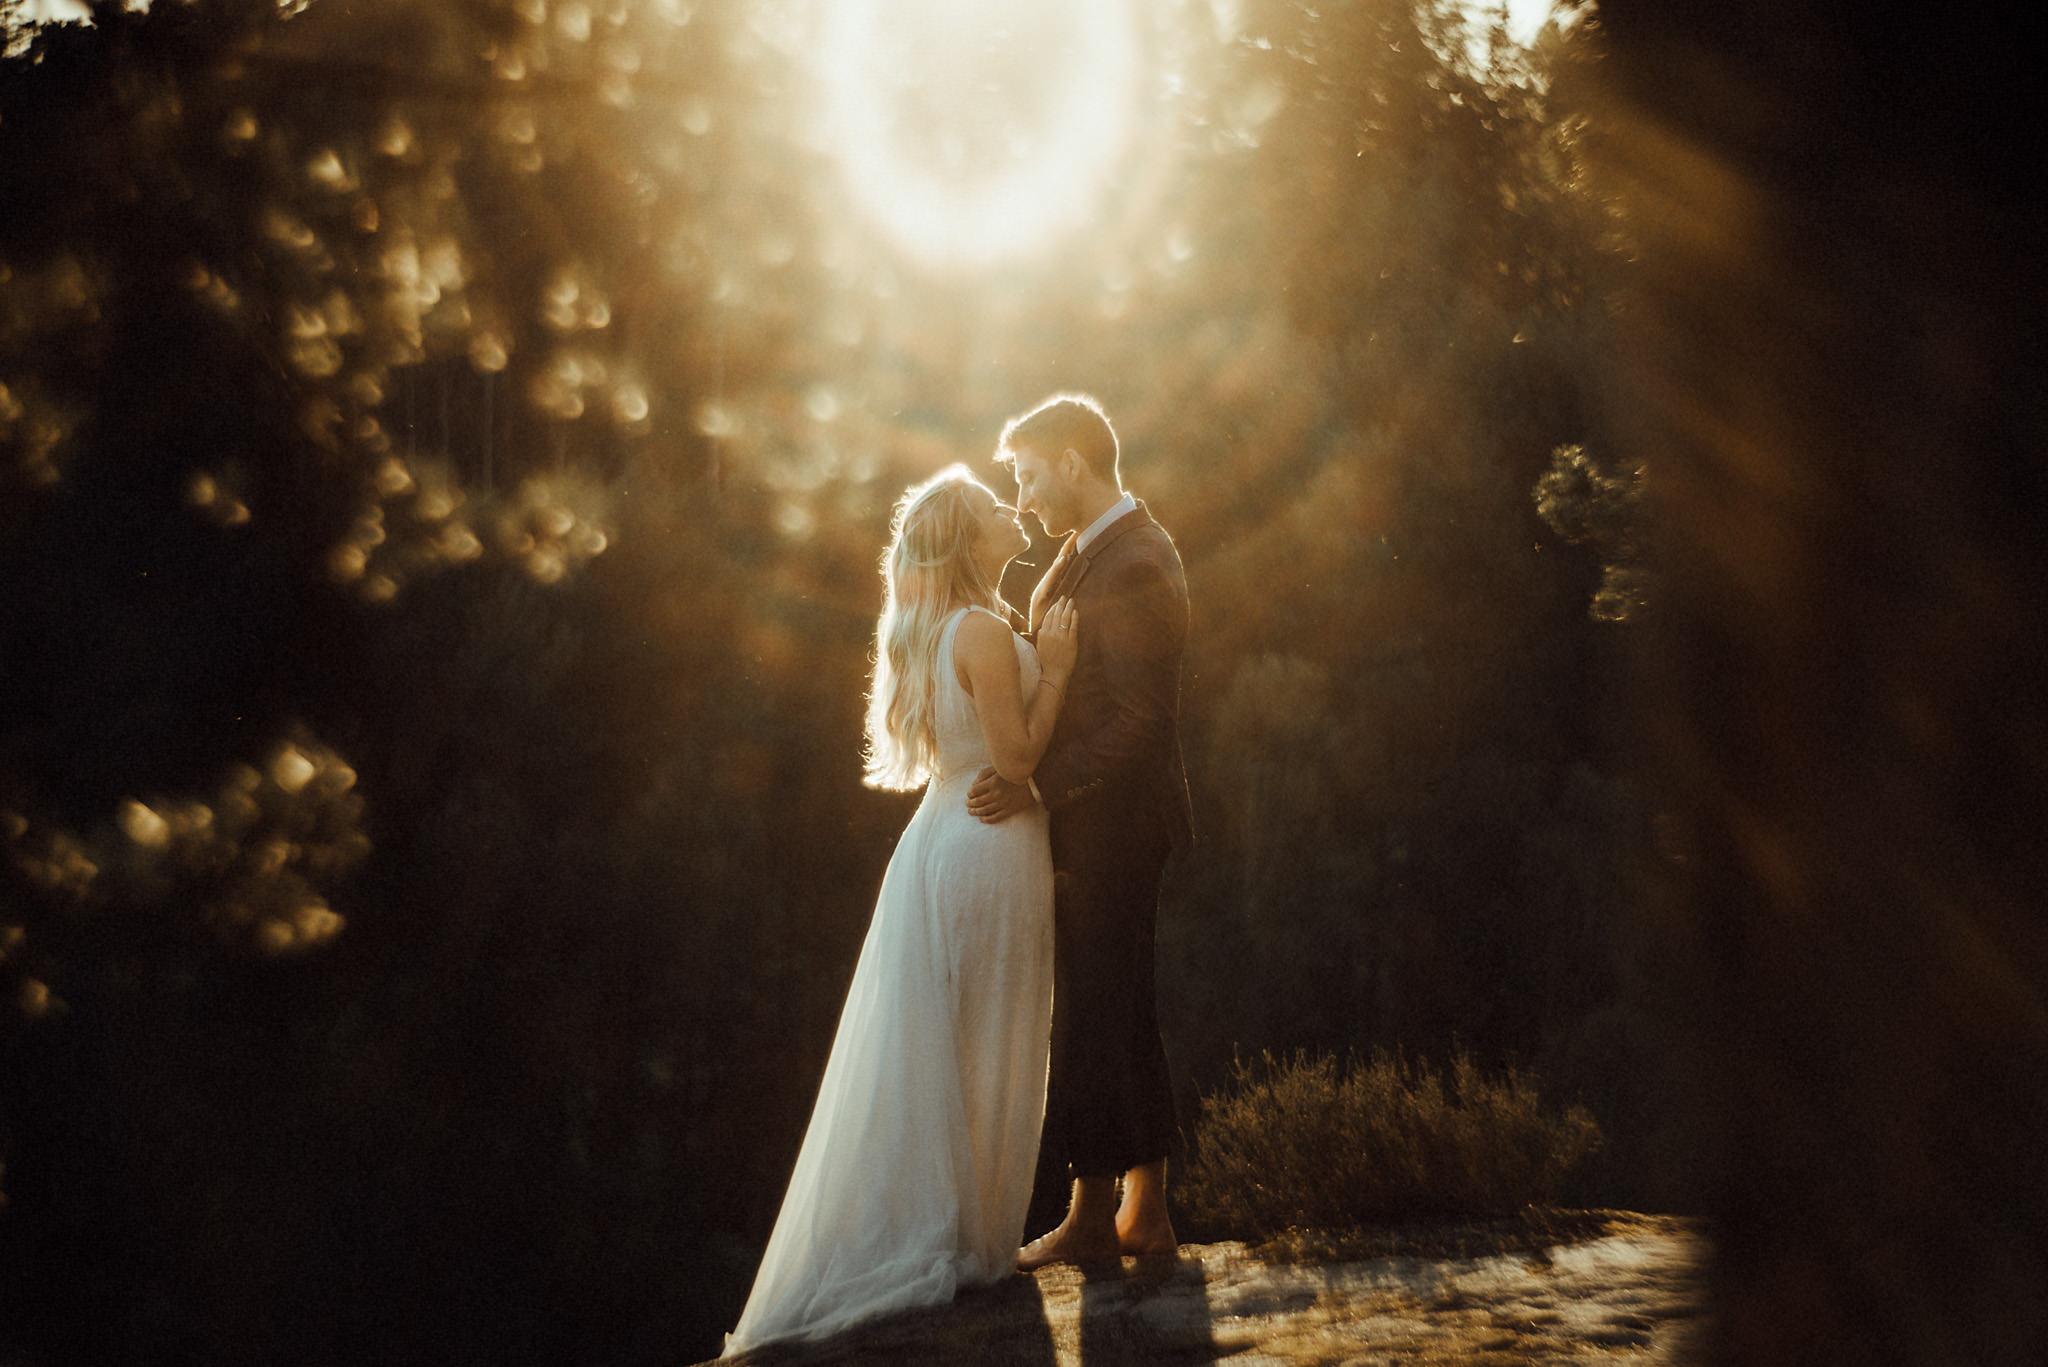 Hochzeit-Aachen-Köln-NRW-Hochzeitsfotograf-Coburg-Hochzeitsfoto-Paarshooting-sächsische Schweiz-After-Wedding-Shooting-Golden-Hour-Awardwinning-Best-German-Photographers.jpg